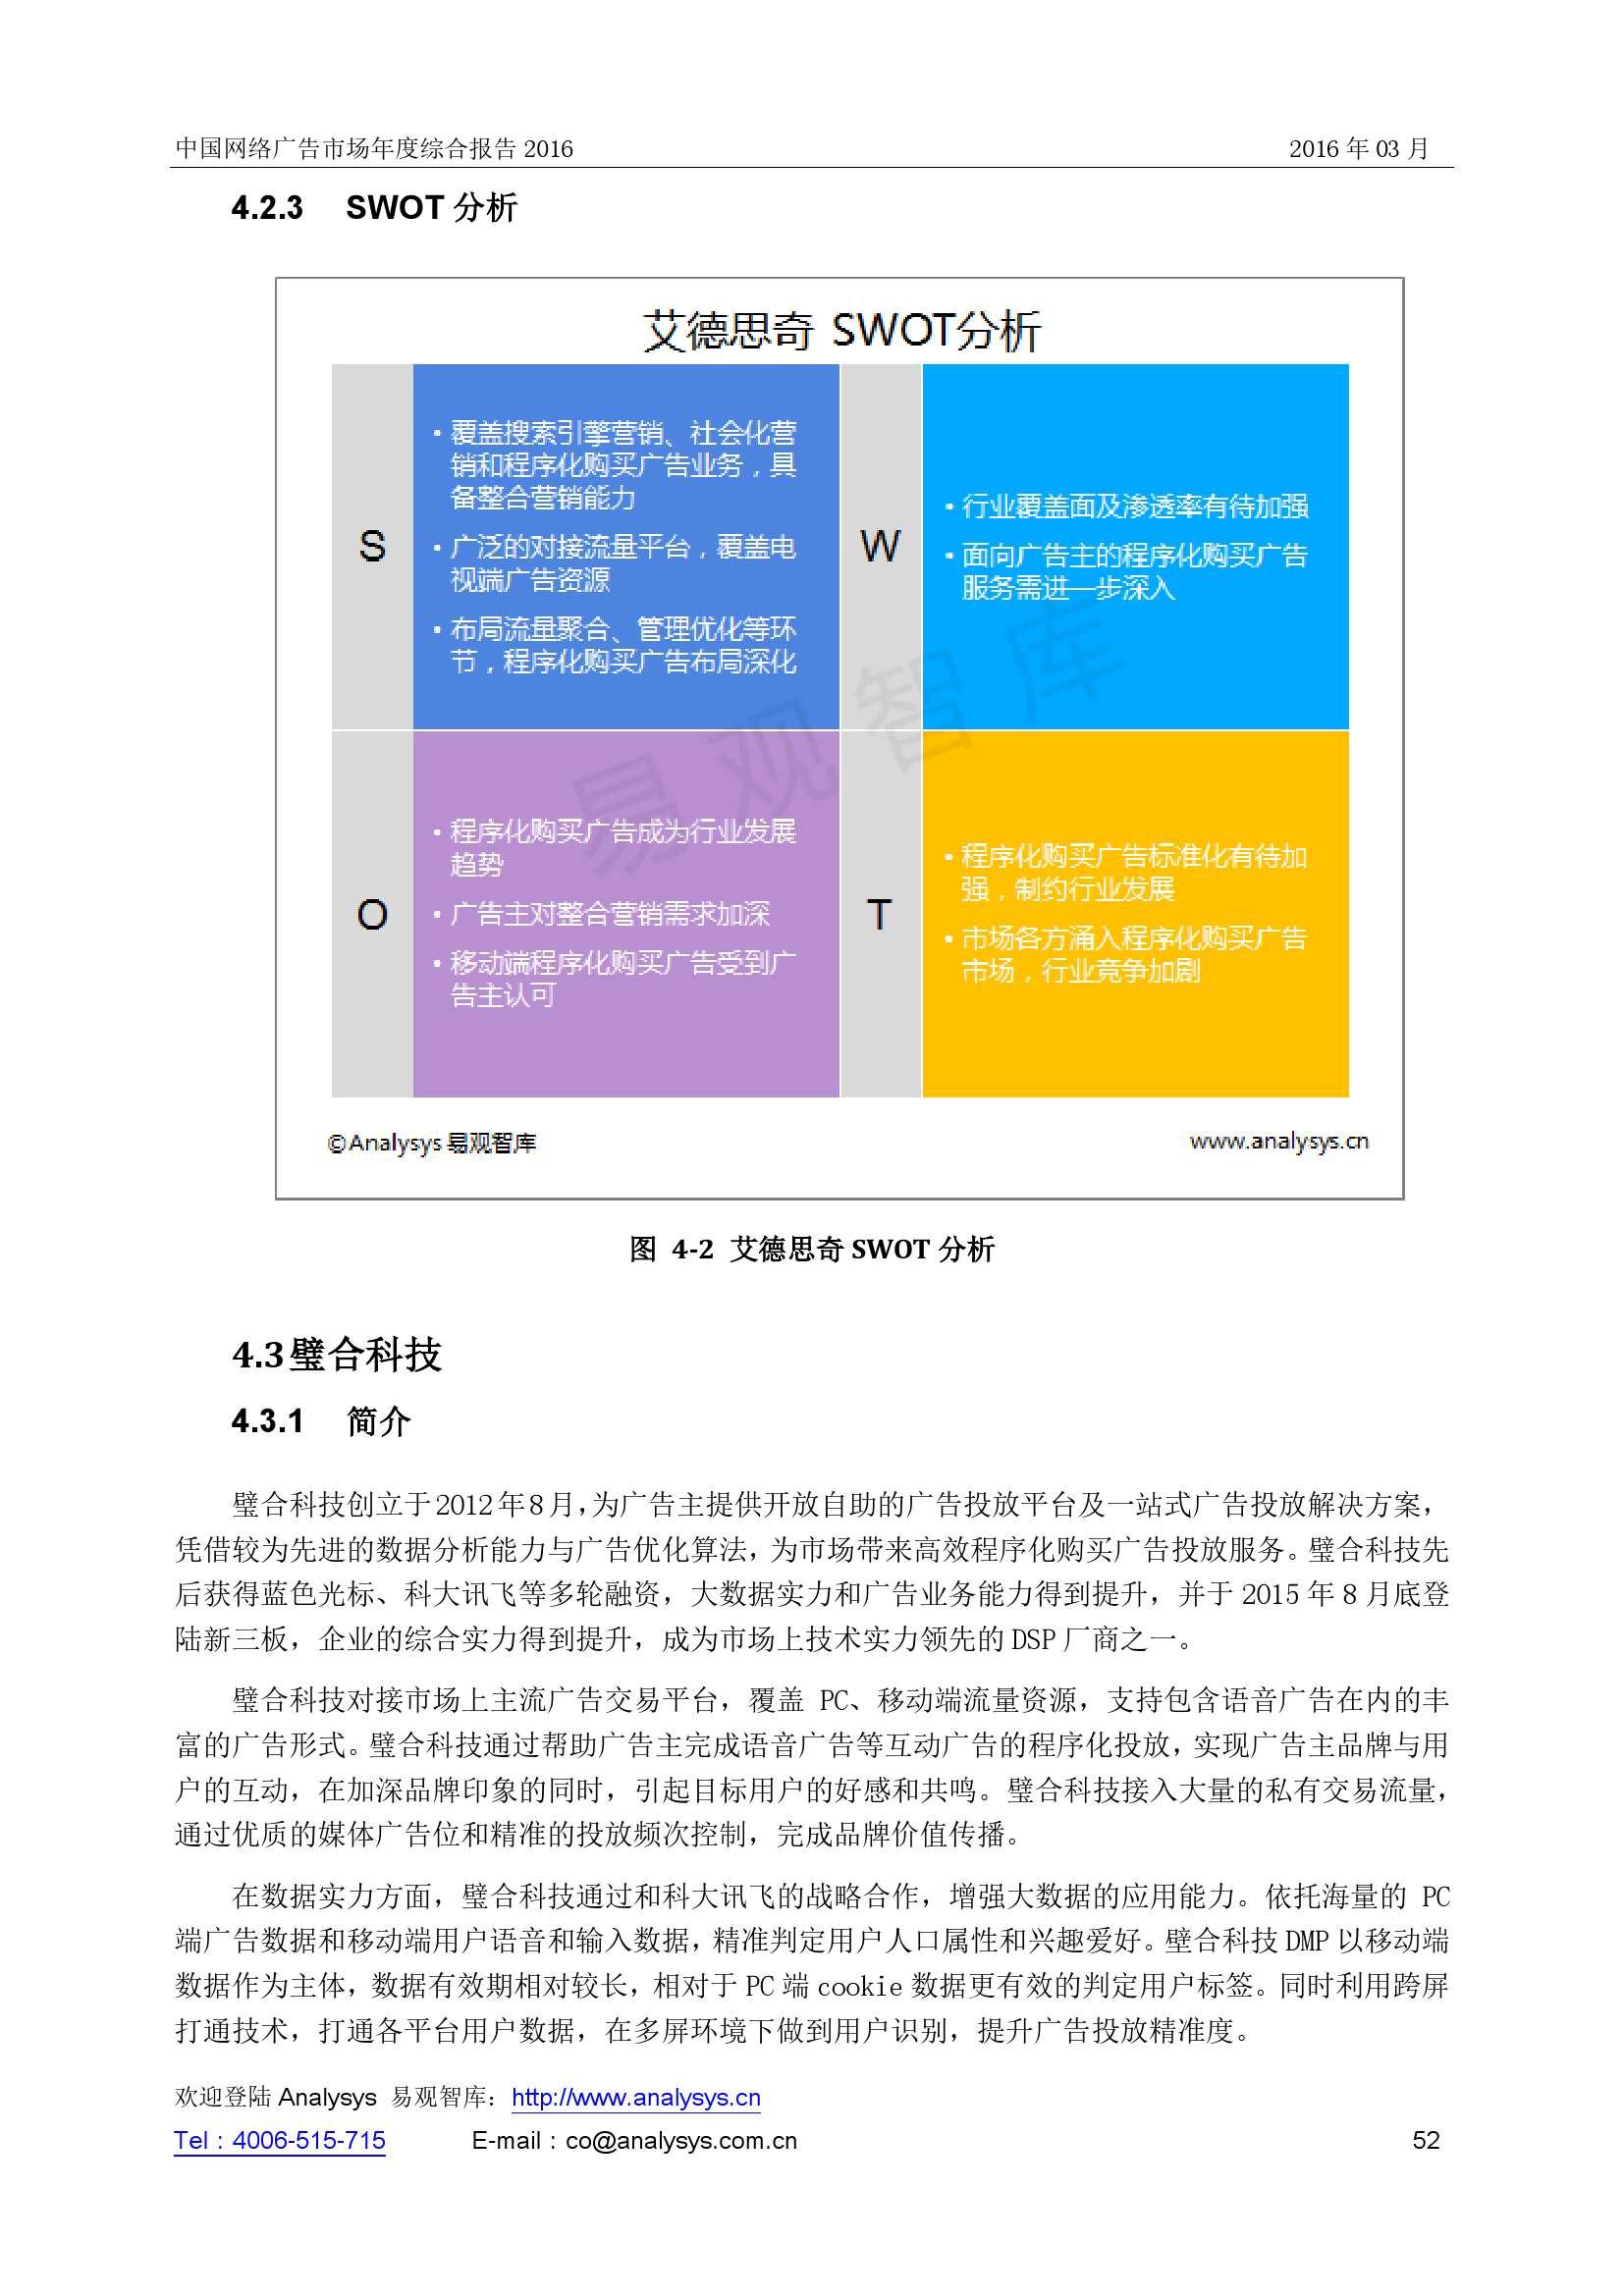 中国网络广告市场年度综合报告2016_000052